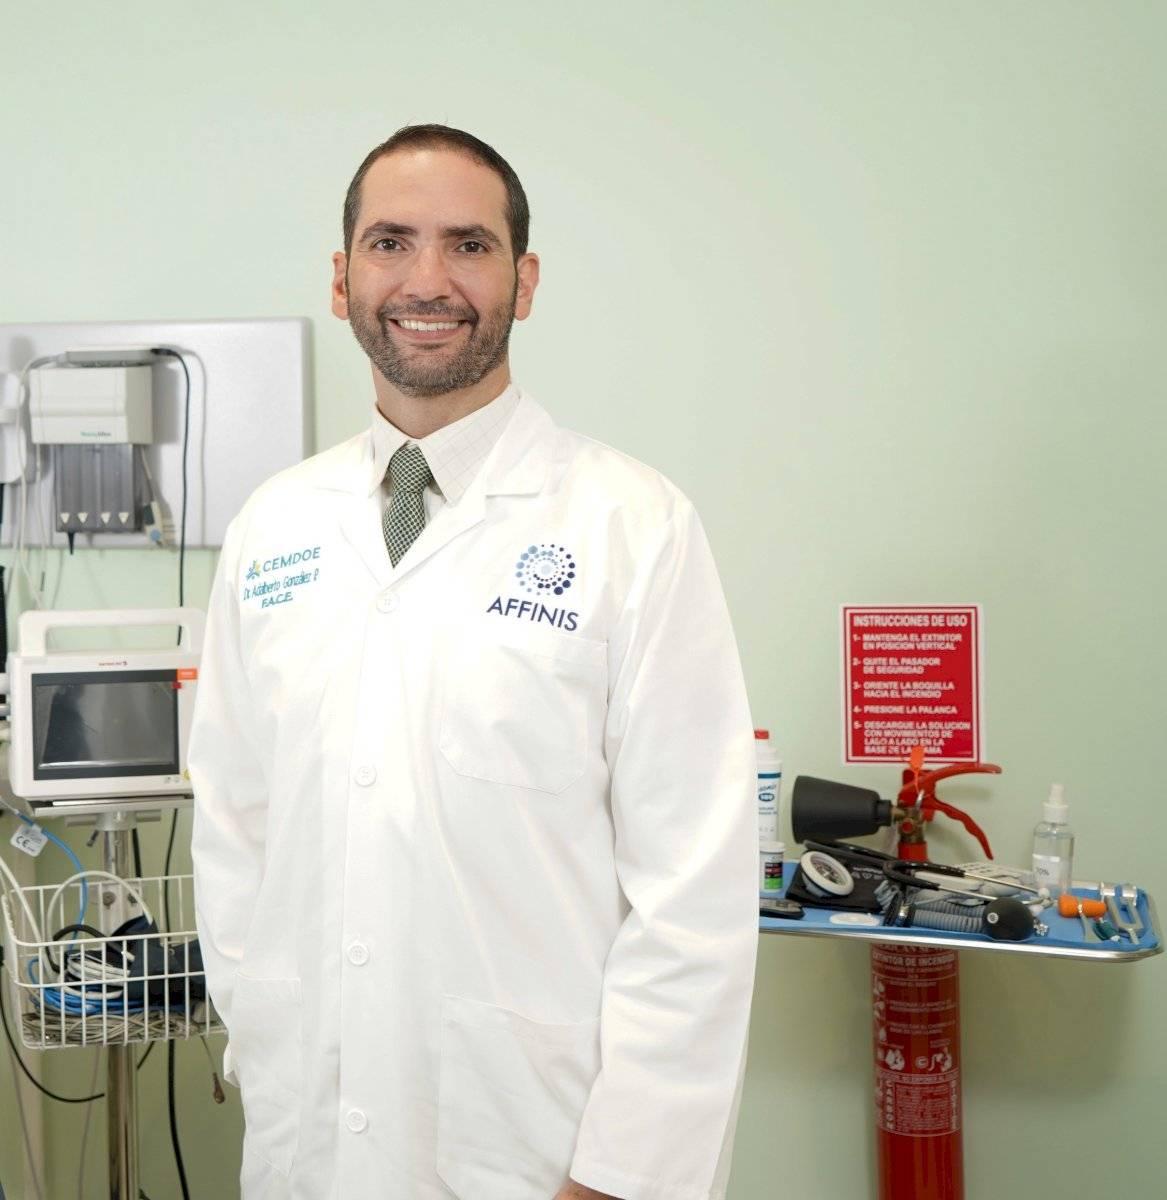 Dr. Adalberto González, gerente de Servicios Clínicos del Centro Médico de Diabetes, Obesidad y Especialidades (CEMDOE) y AFFINIS